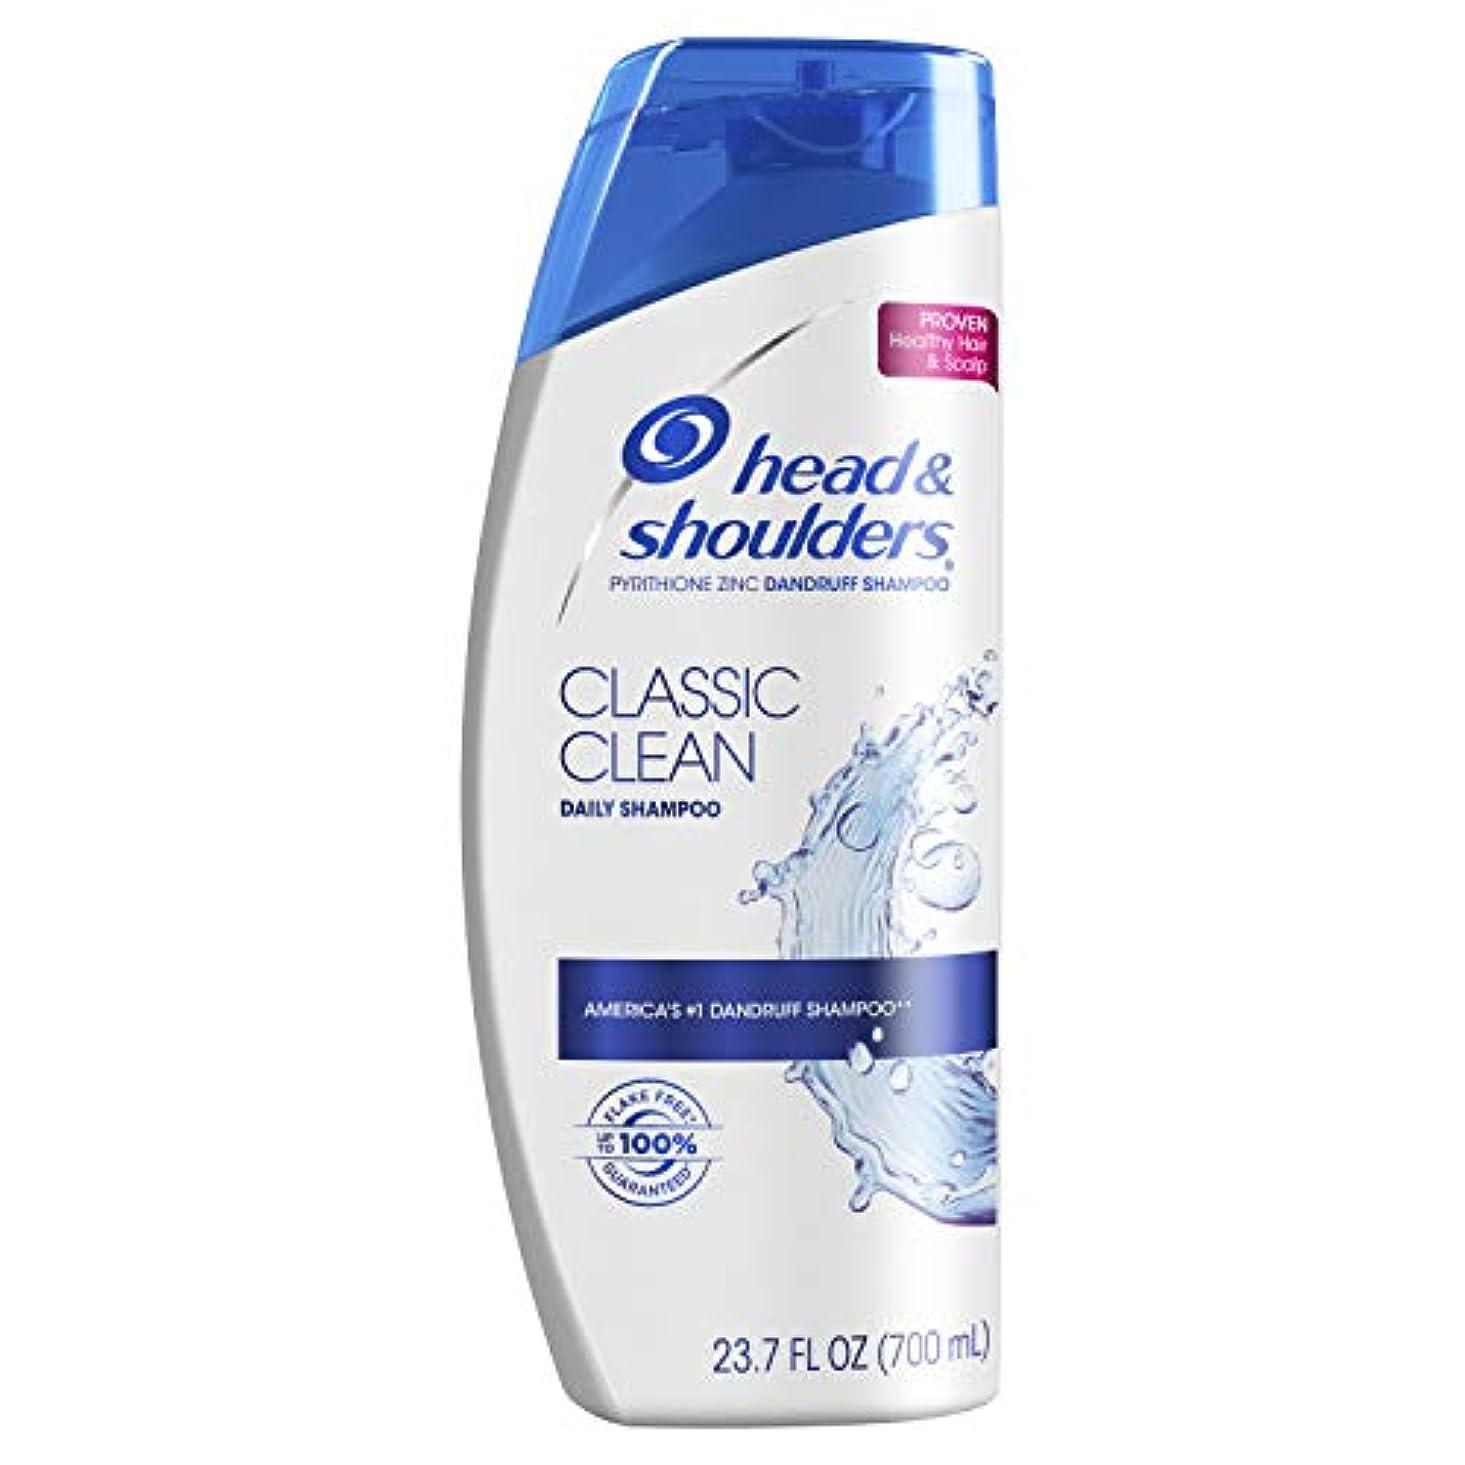 相互スタイル不適当Head & Shoulders Classic Clean Dandruff Shampoo, 23.7 Oz by Head & Shoulders